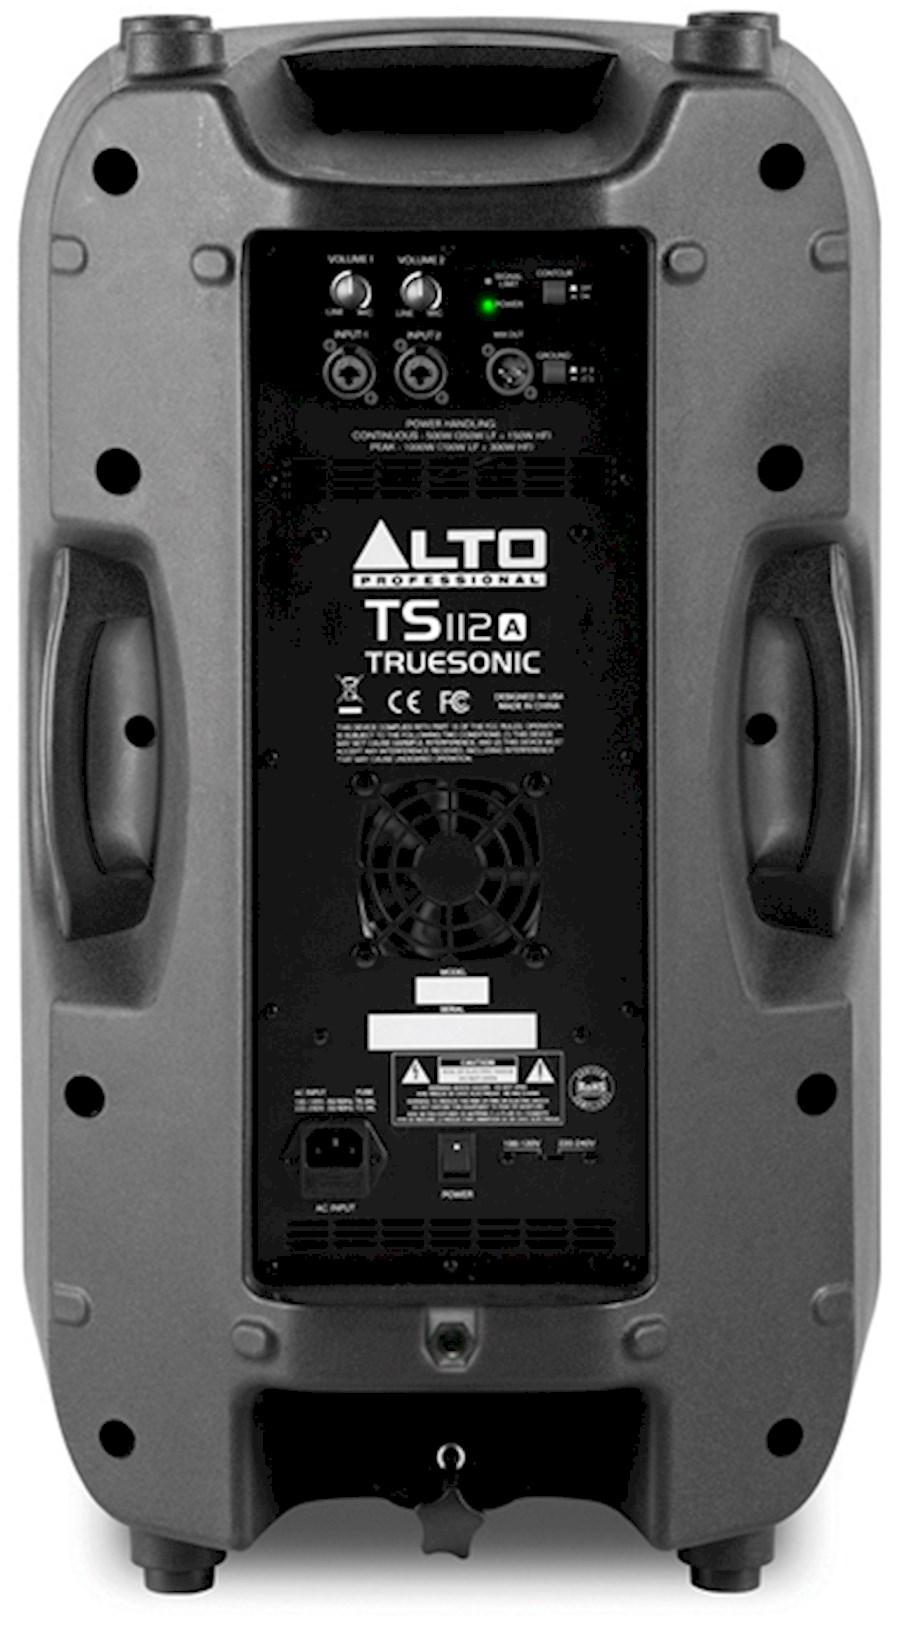 Huur Alto Pro TS-112A V2 ac... van Klaasjan